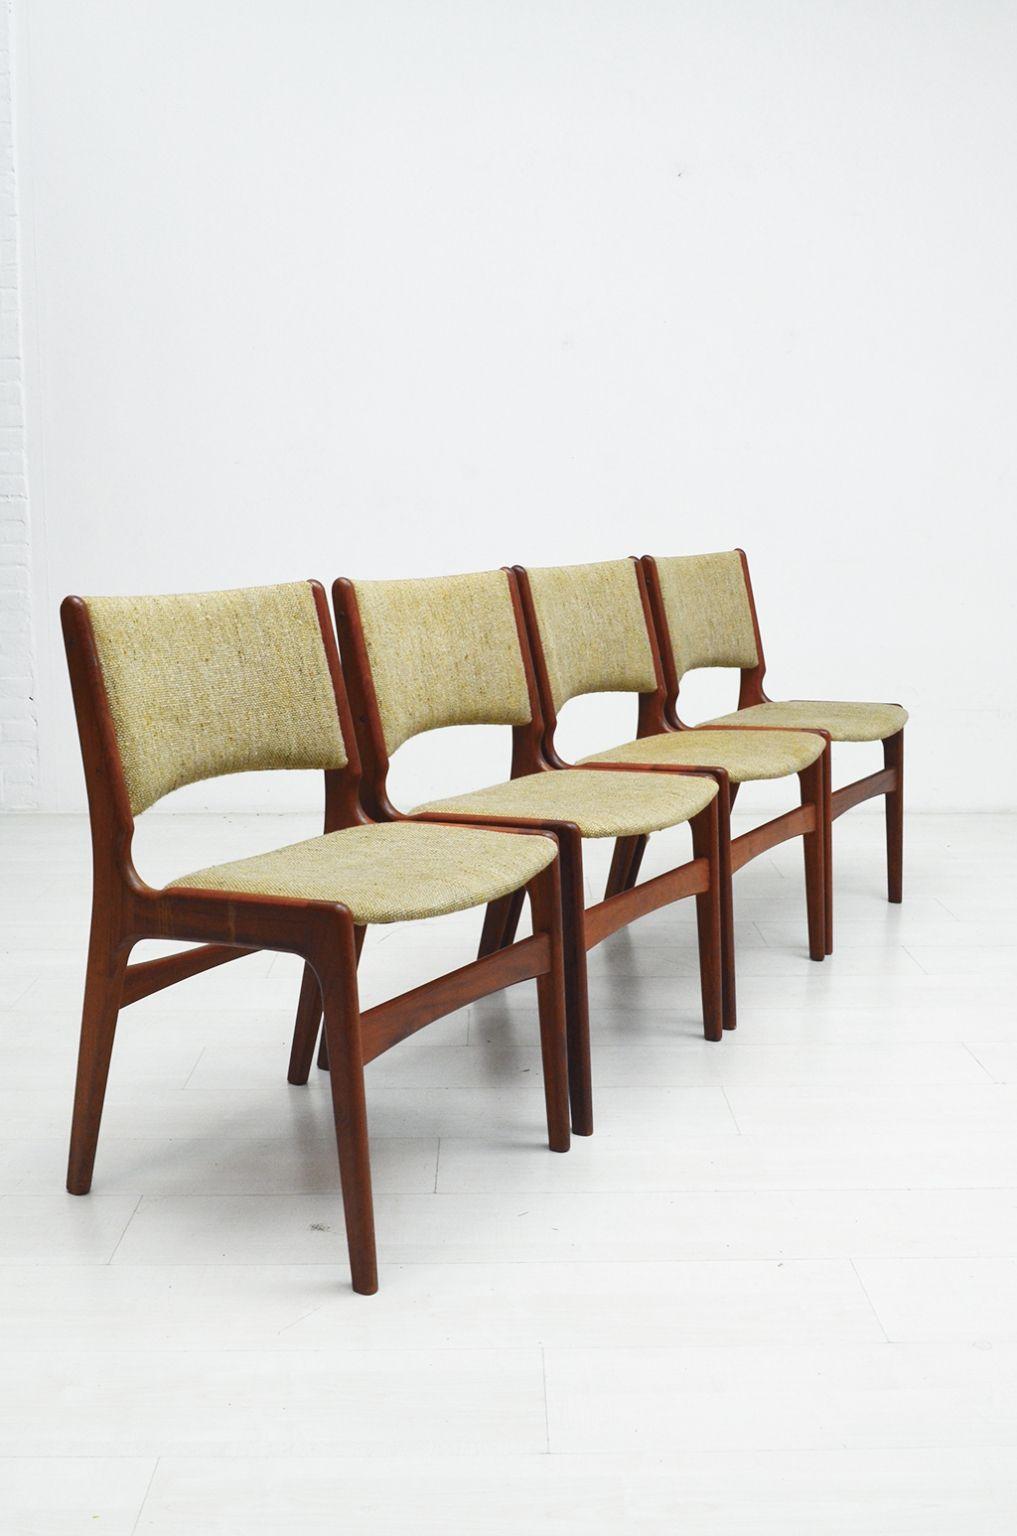 Prachtig set van vier Erik Buch stoelen uit de jaren 50 met